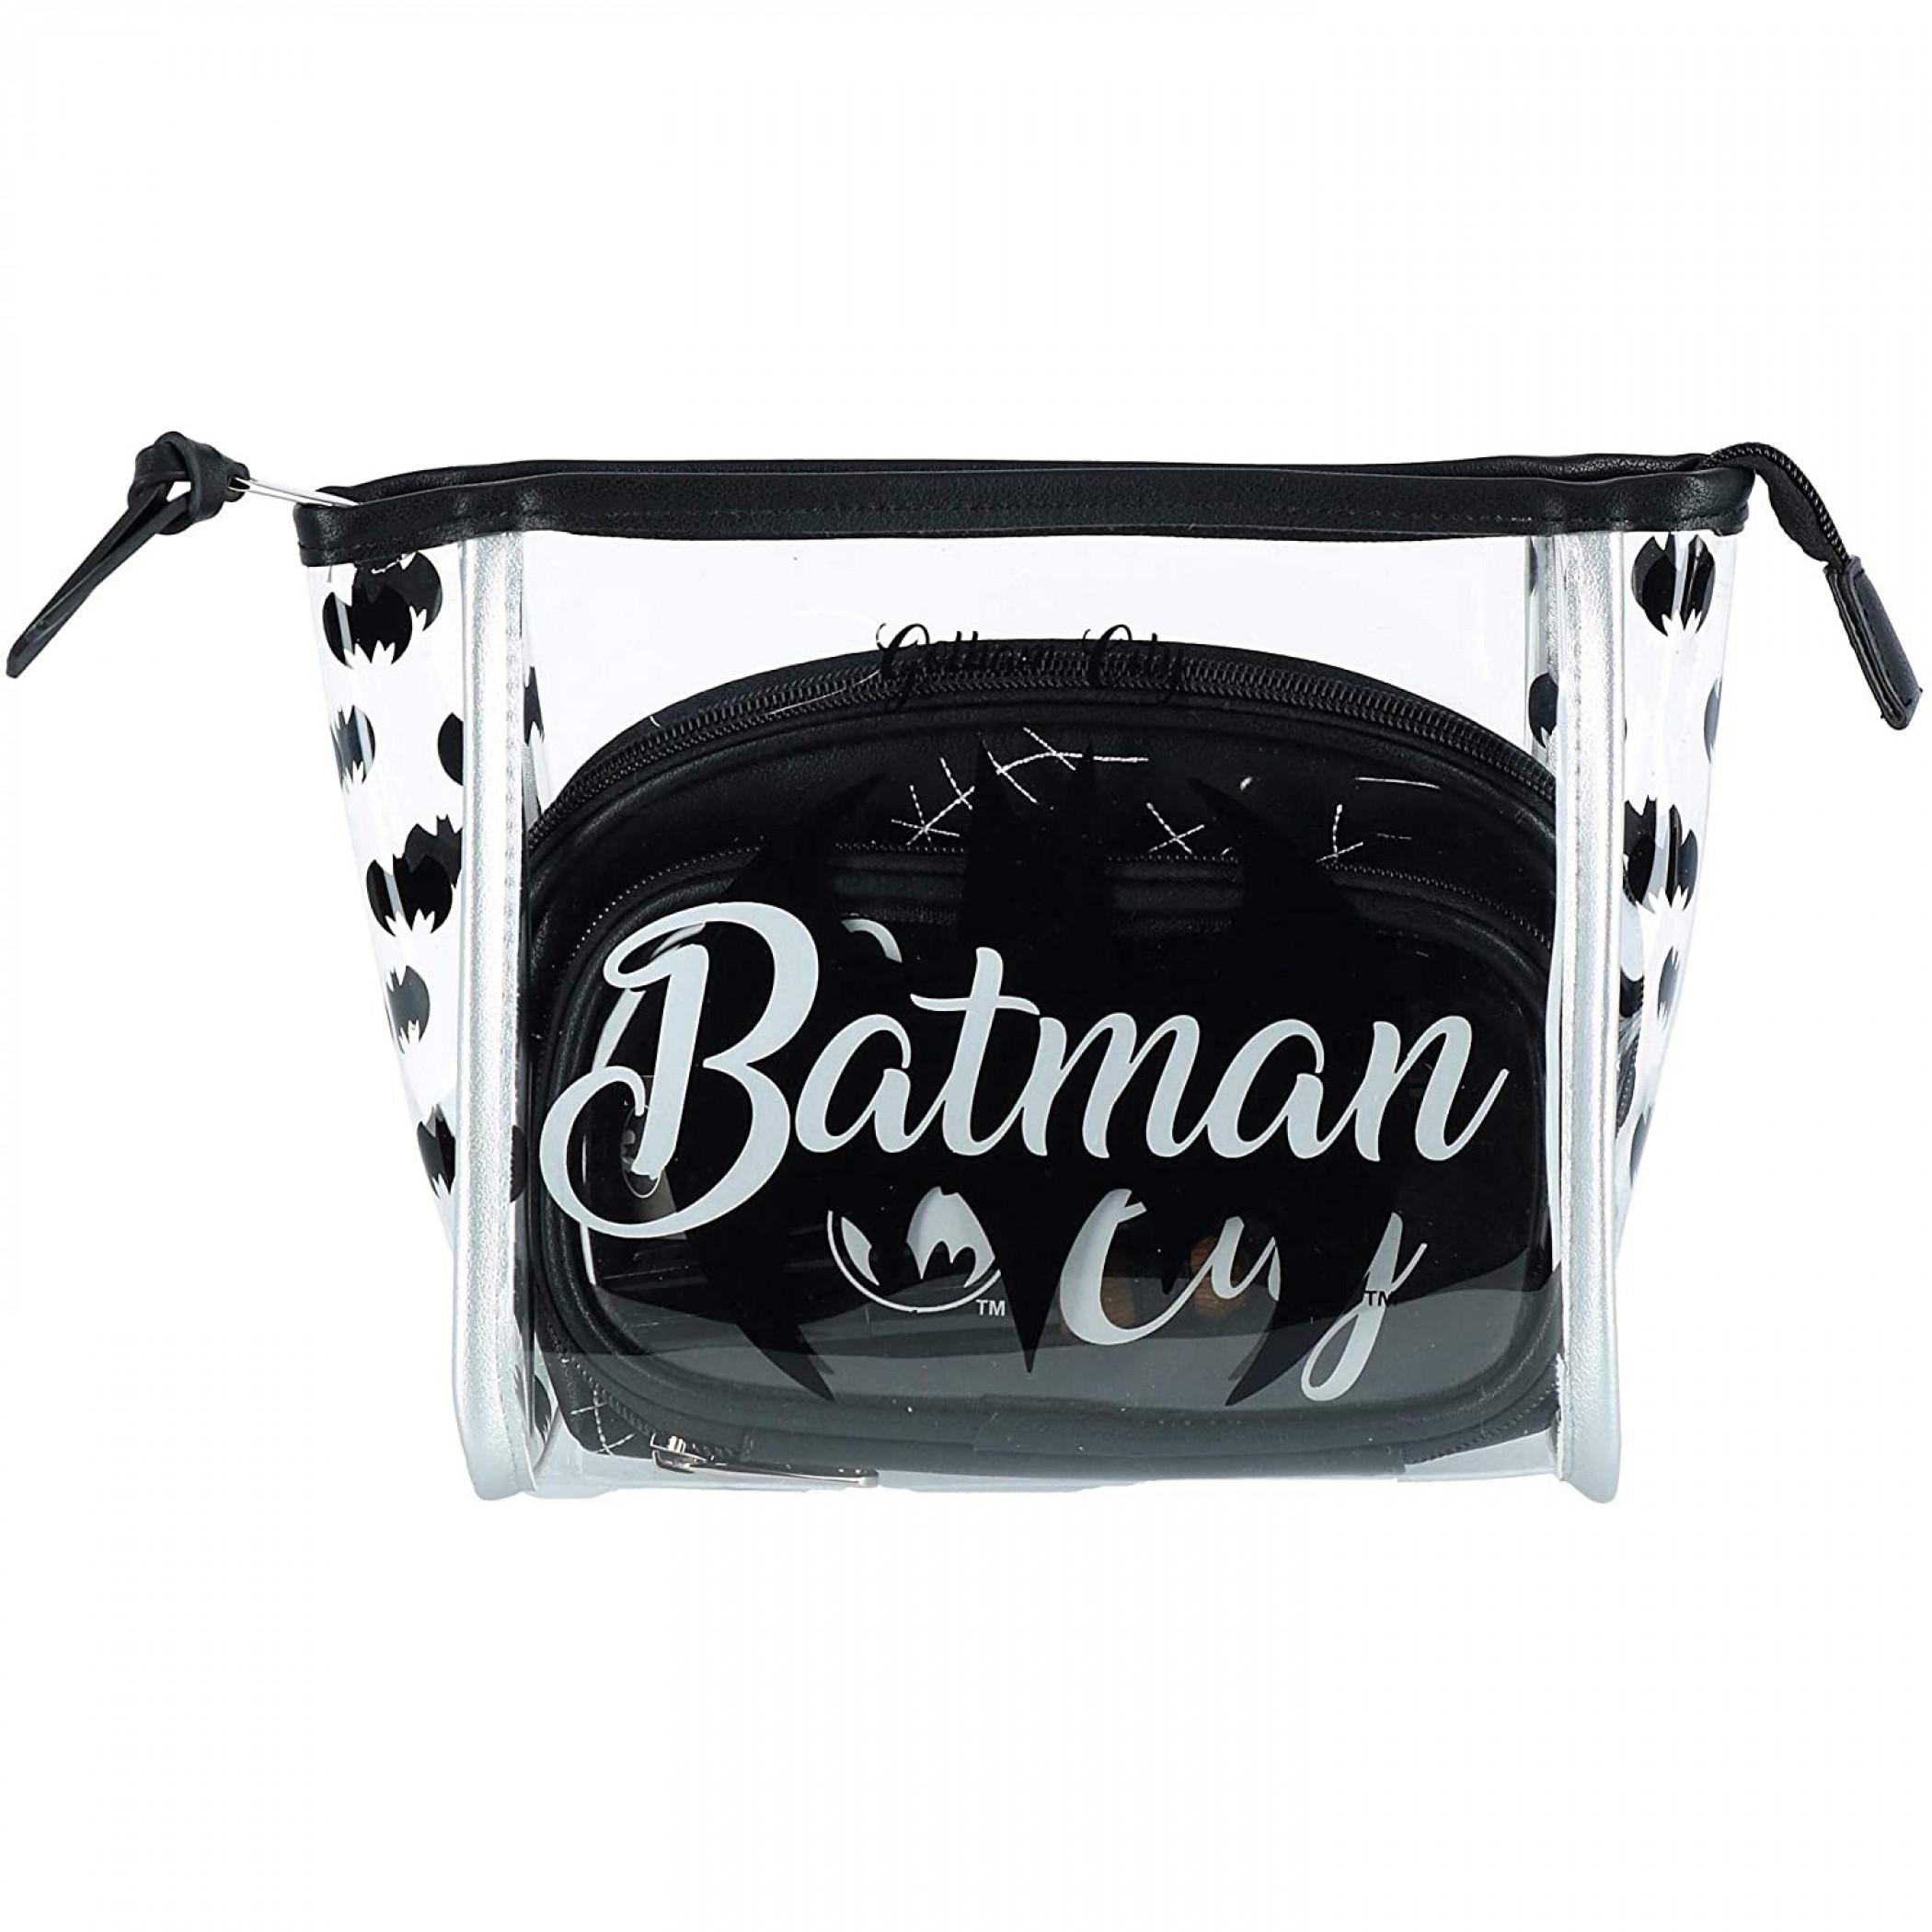 Batman Cosmetic 3-Piece Makeup Bag Set